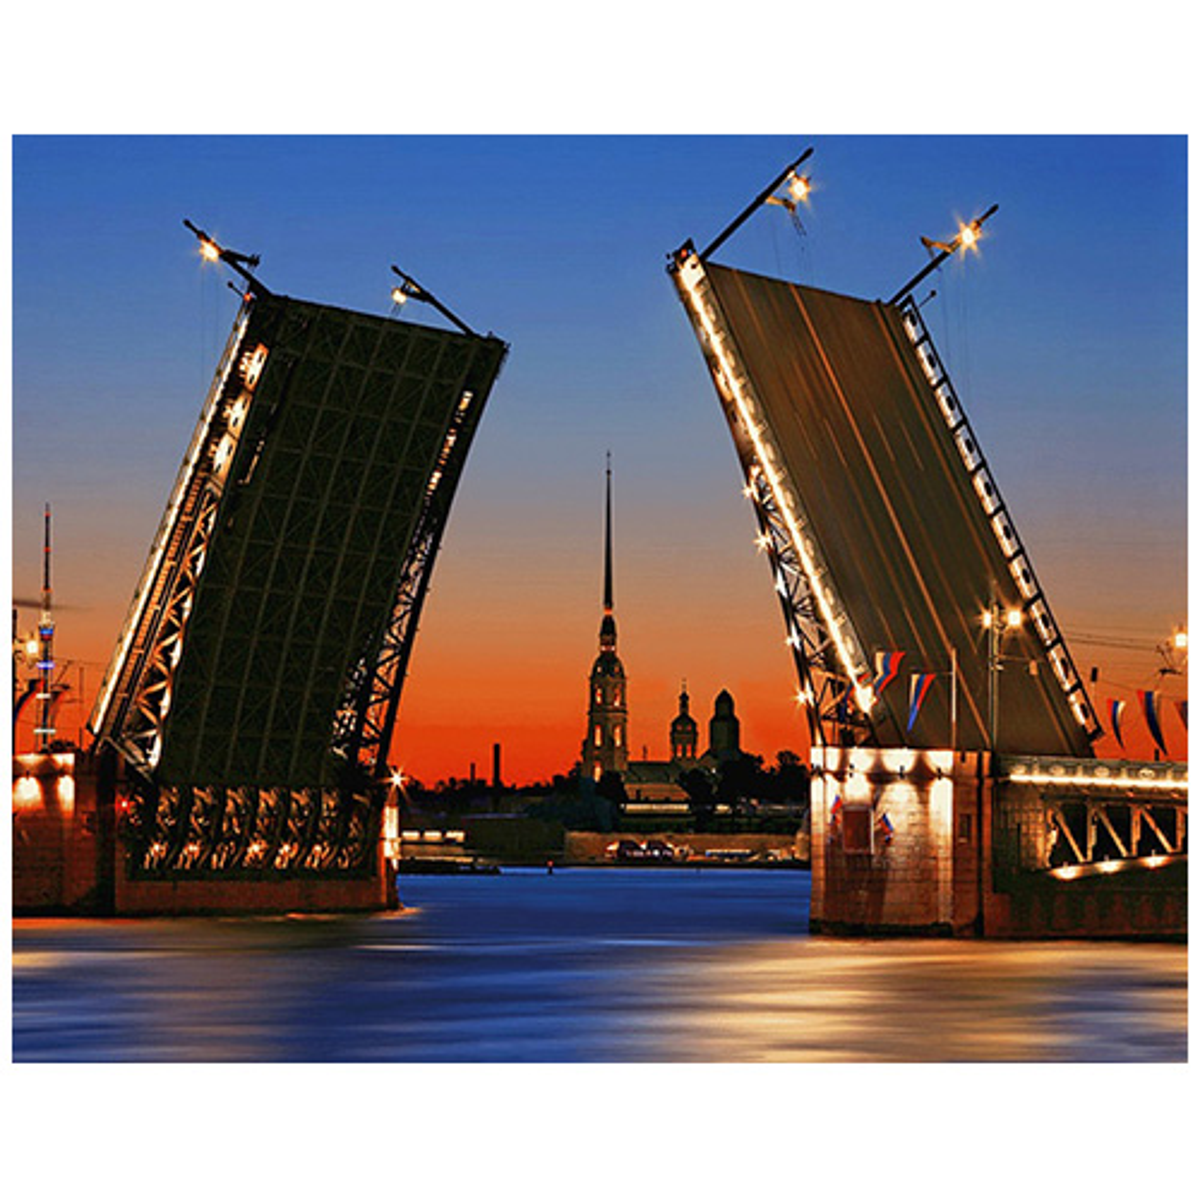 Ag 504 Набор д/изготовления картин со стразами 'Дворцовый мост' 48*38см Гранни